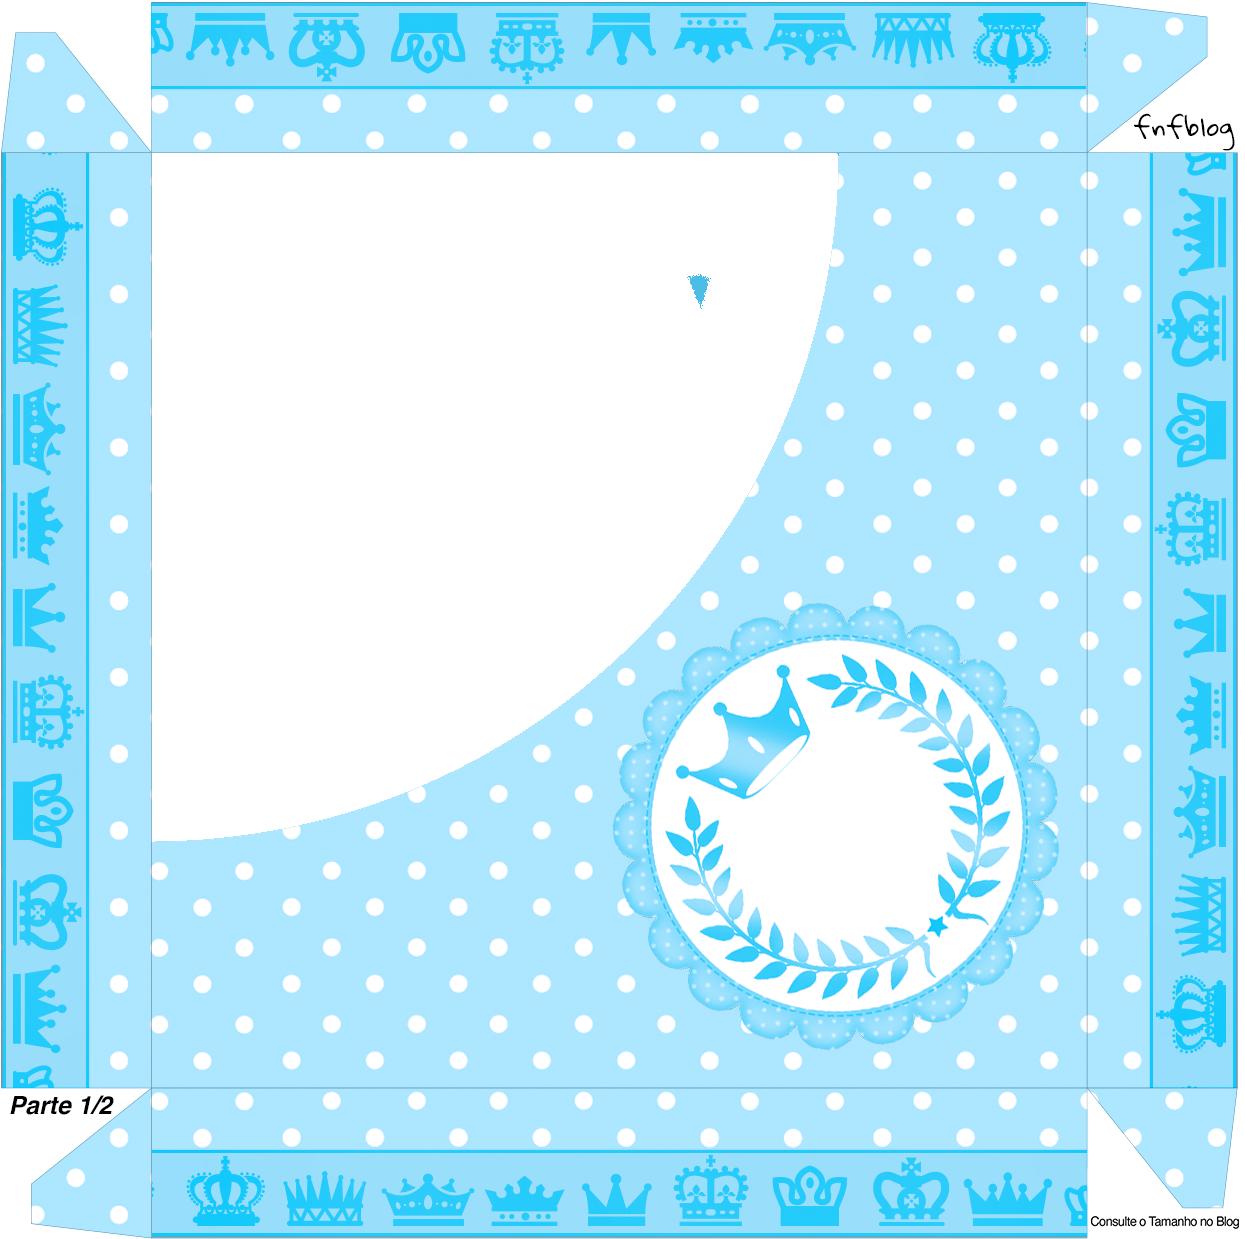 Caixa bombm Realeza Azul - Parte de cima